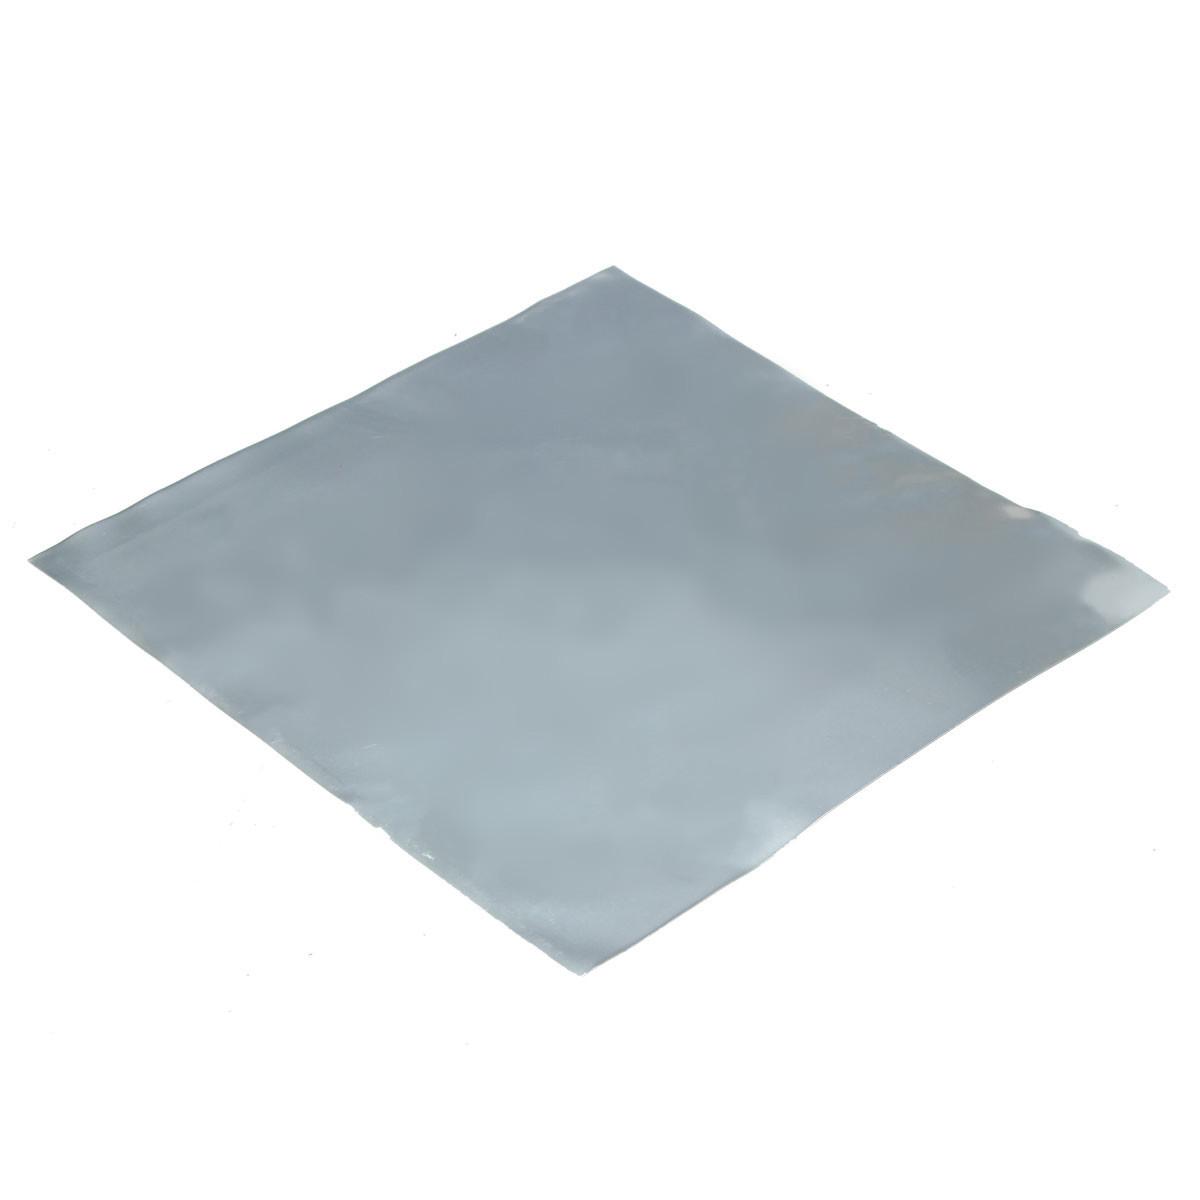 zinc zn feuille plaque pr science chimie laboratoire achat vente accessoire. Black Bedroom Furniture Sets. Home Design Ideas